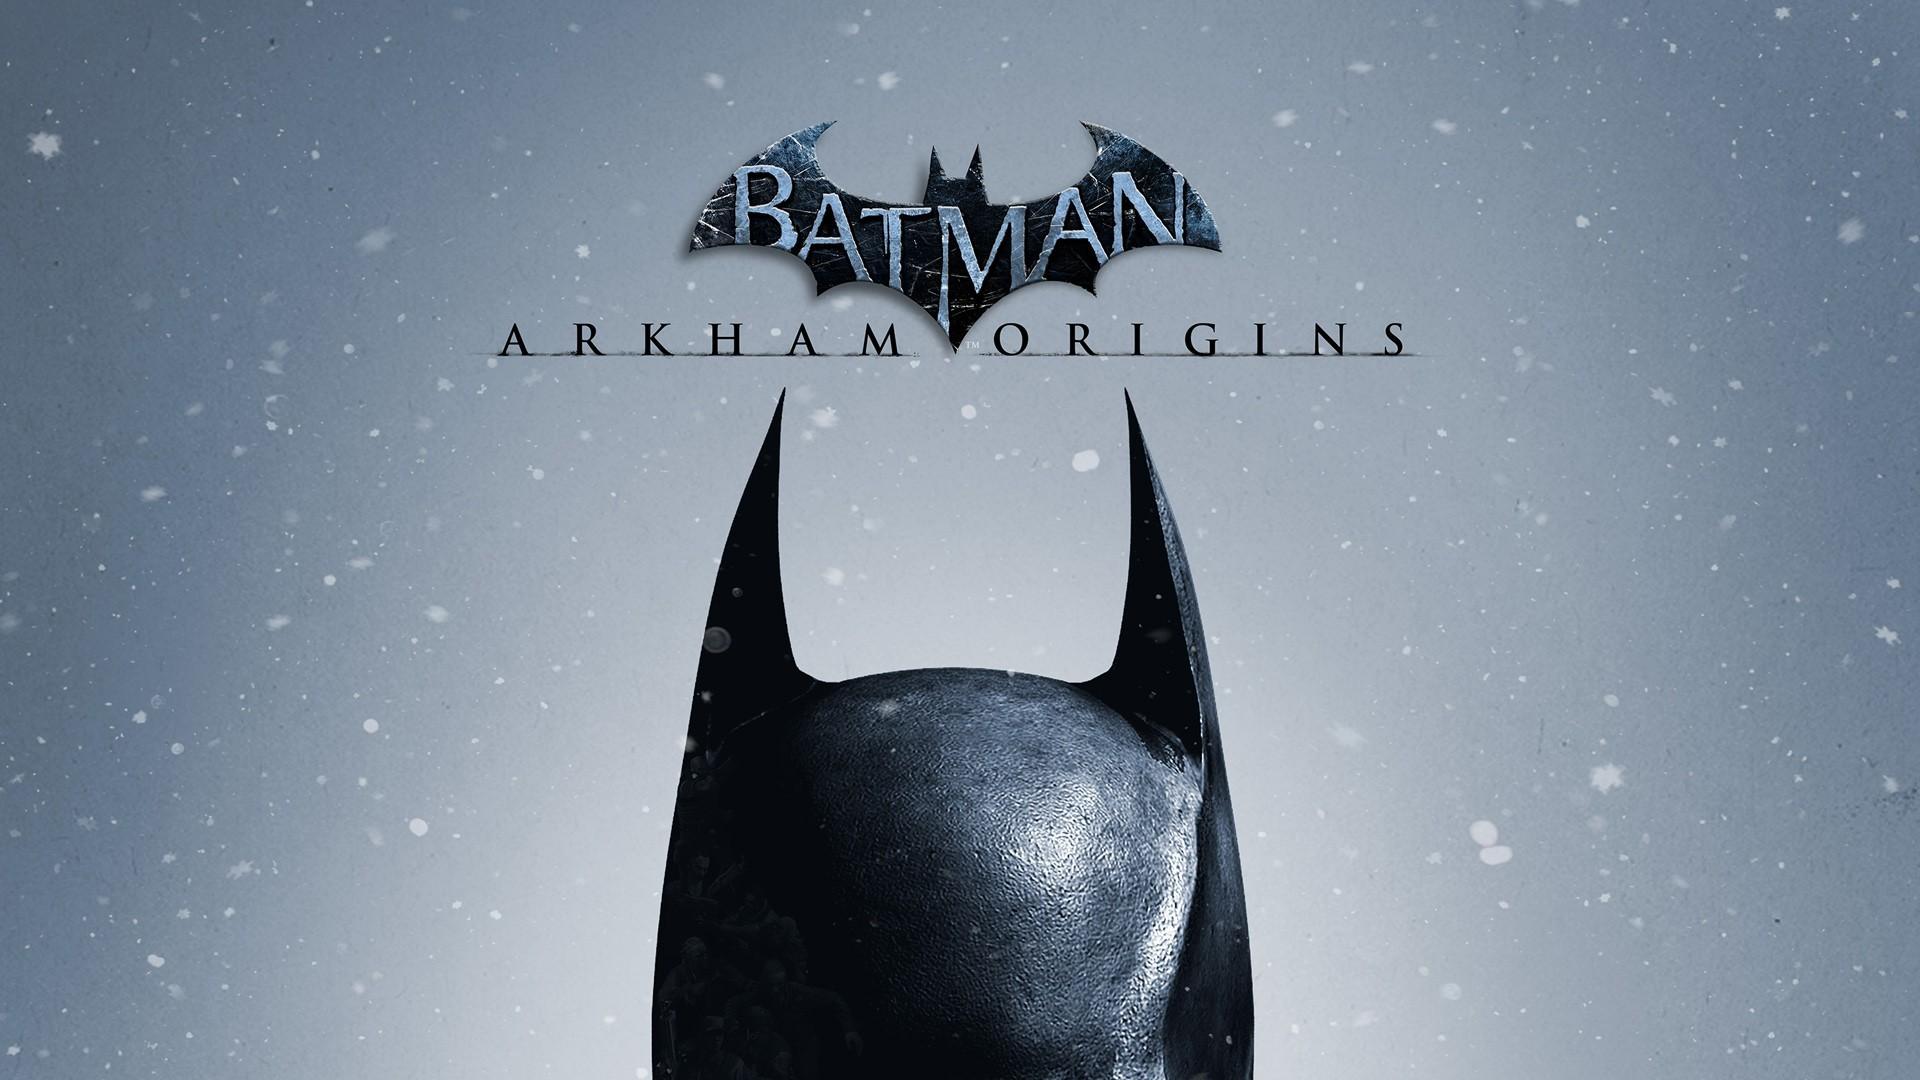 0 Batman Arkham Origins Wallpapers Batman Arkham Origins Wallpapers HD  Wallpapers